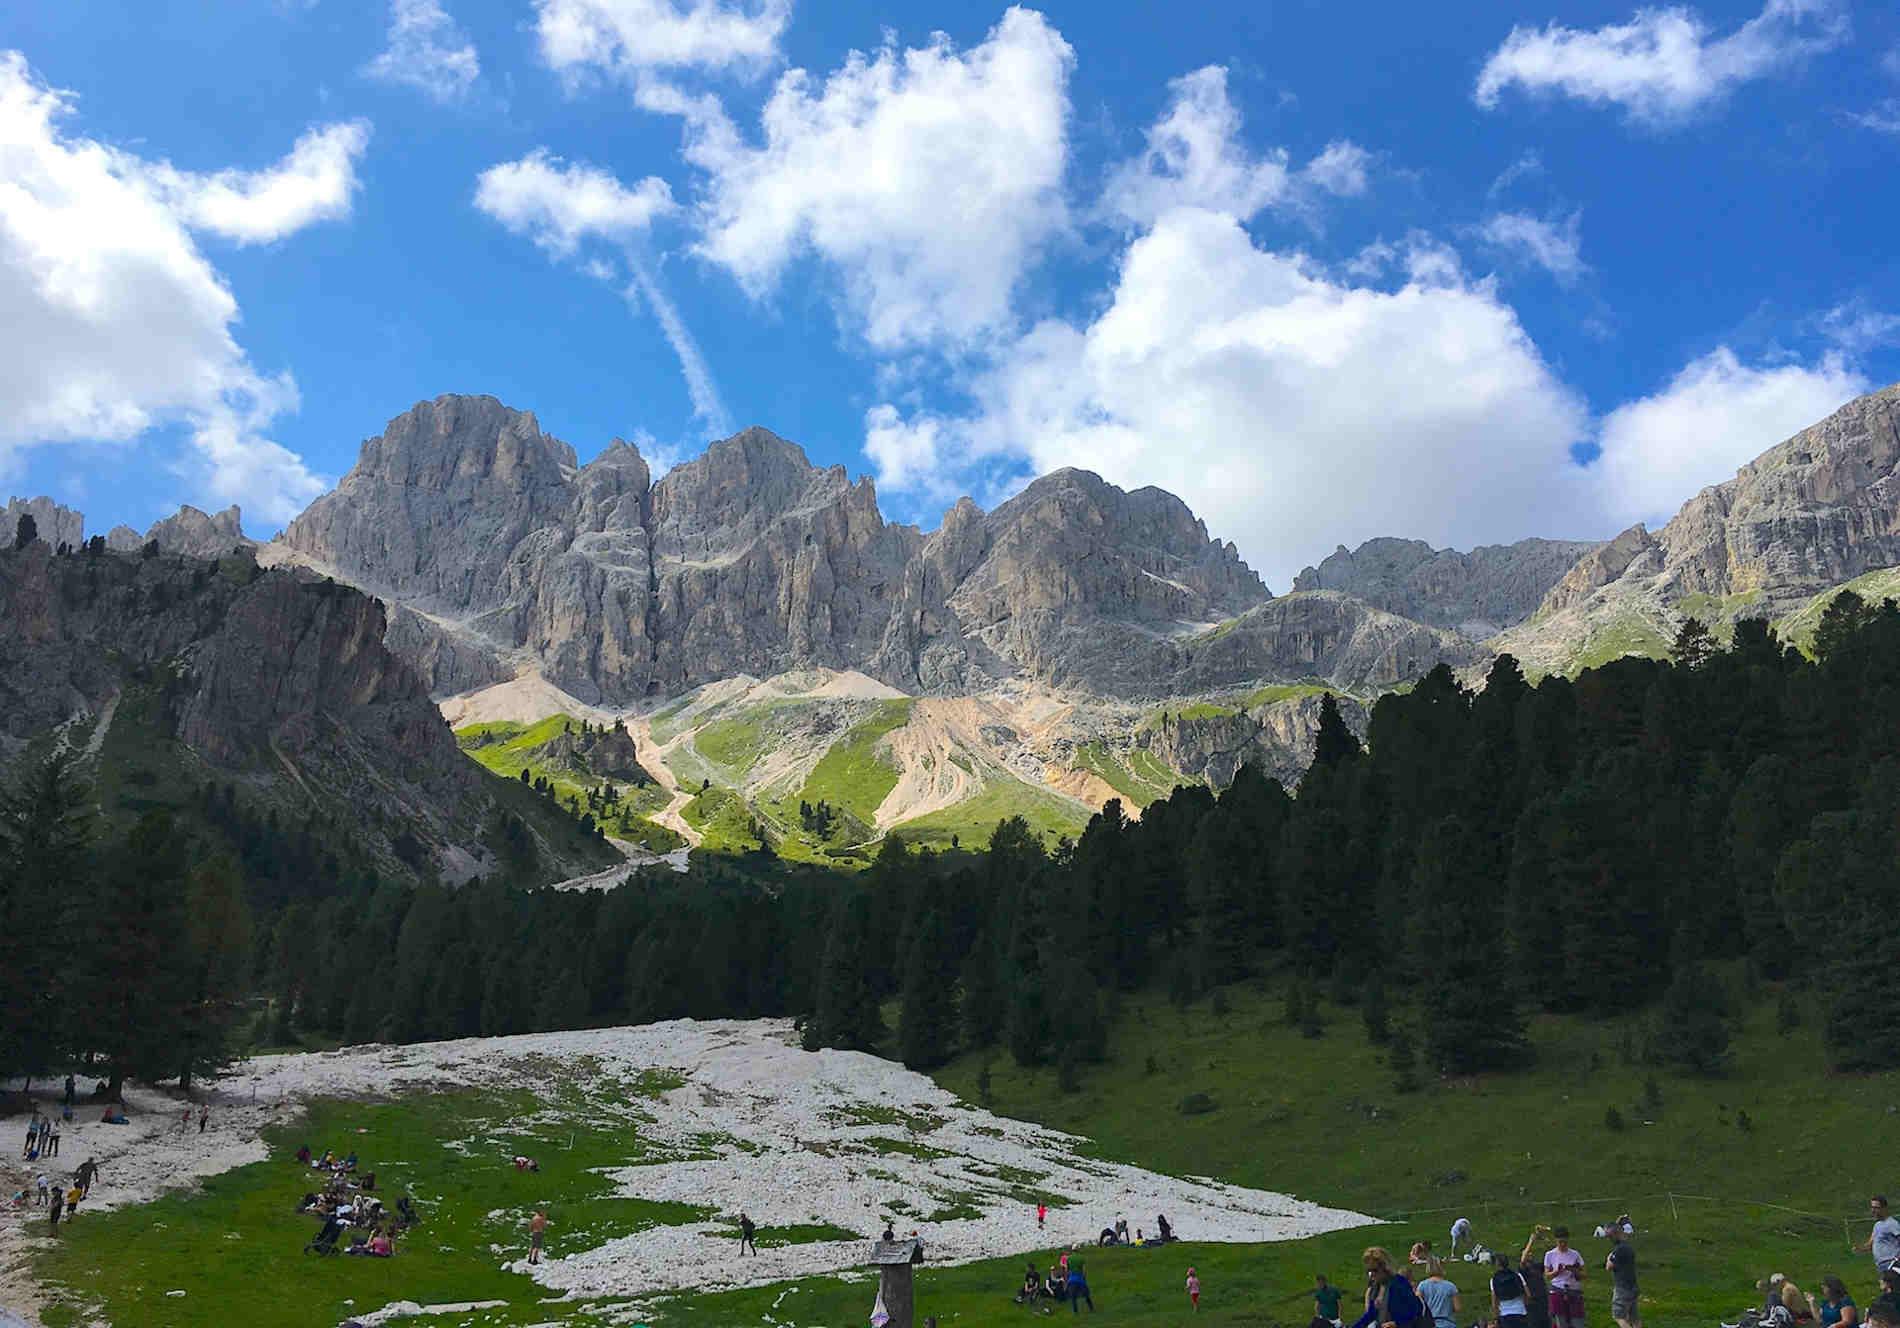 Vista del Catinaccio Rosengarten dalla conca del Gardeccia dolomiti della Val di Fassa